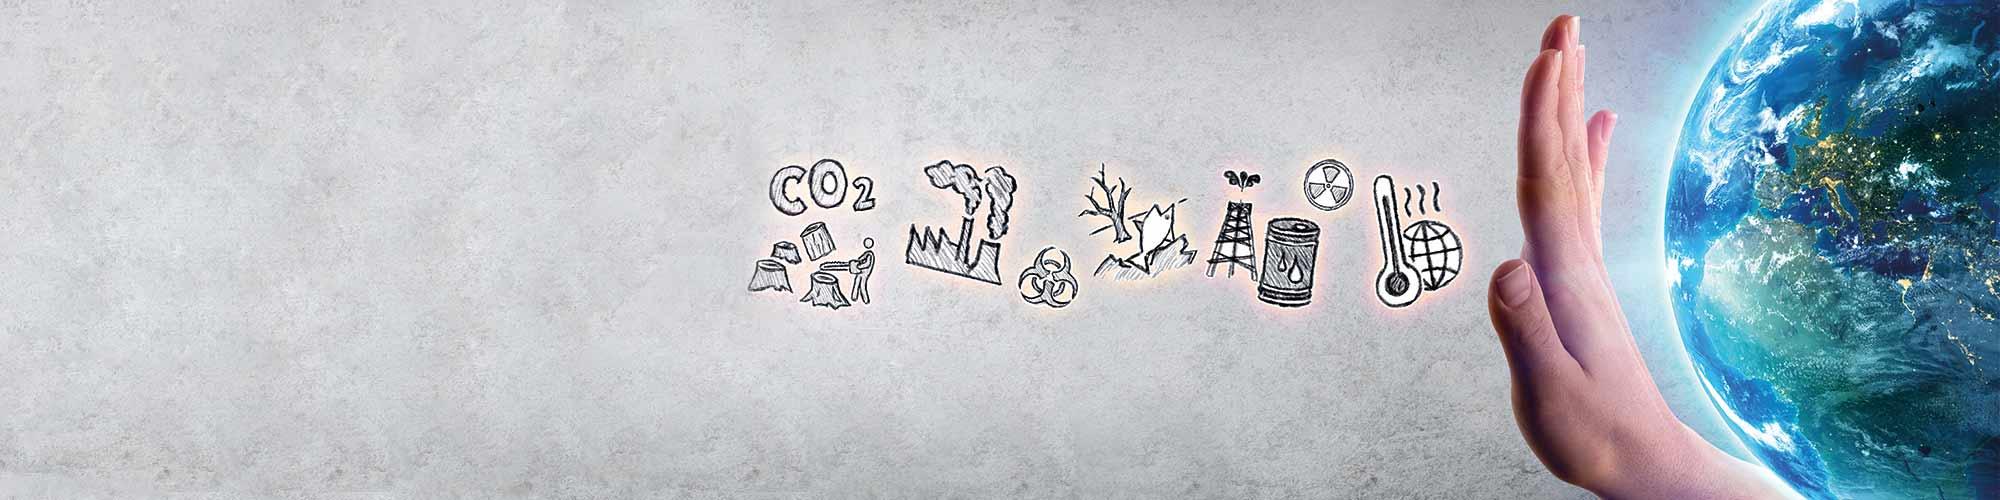 Talk Positiva: Por modelo econômico mais sustentável, Daniel Wahl lança livro sobre cultura regenerativa